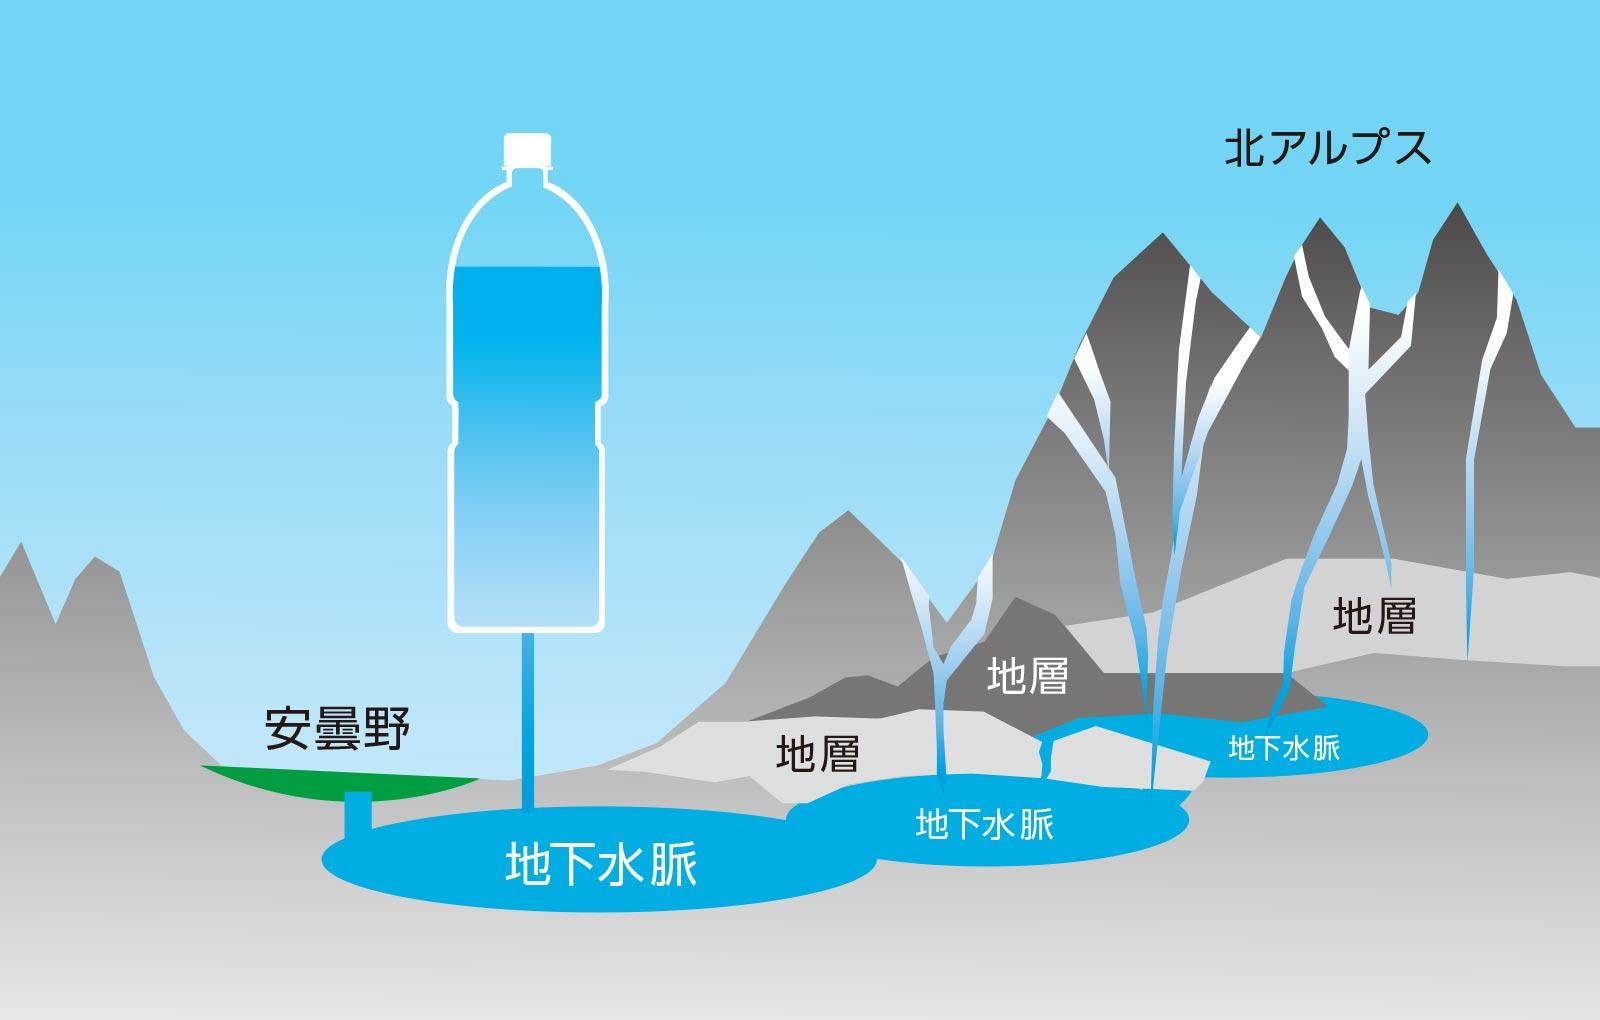 安曇野の天然水「天然水はどこから来ている?」